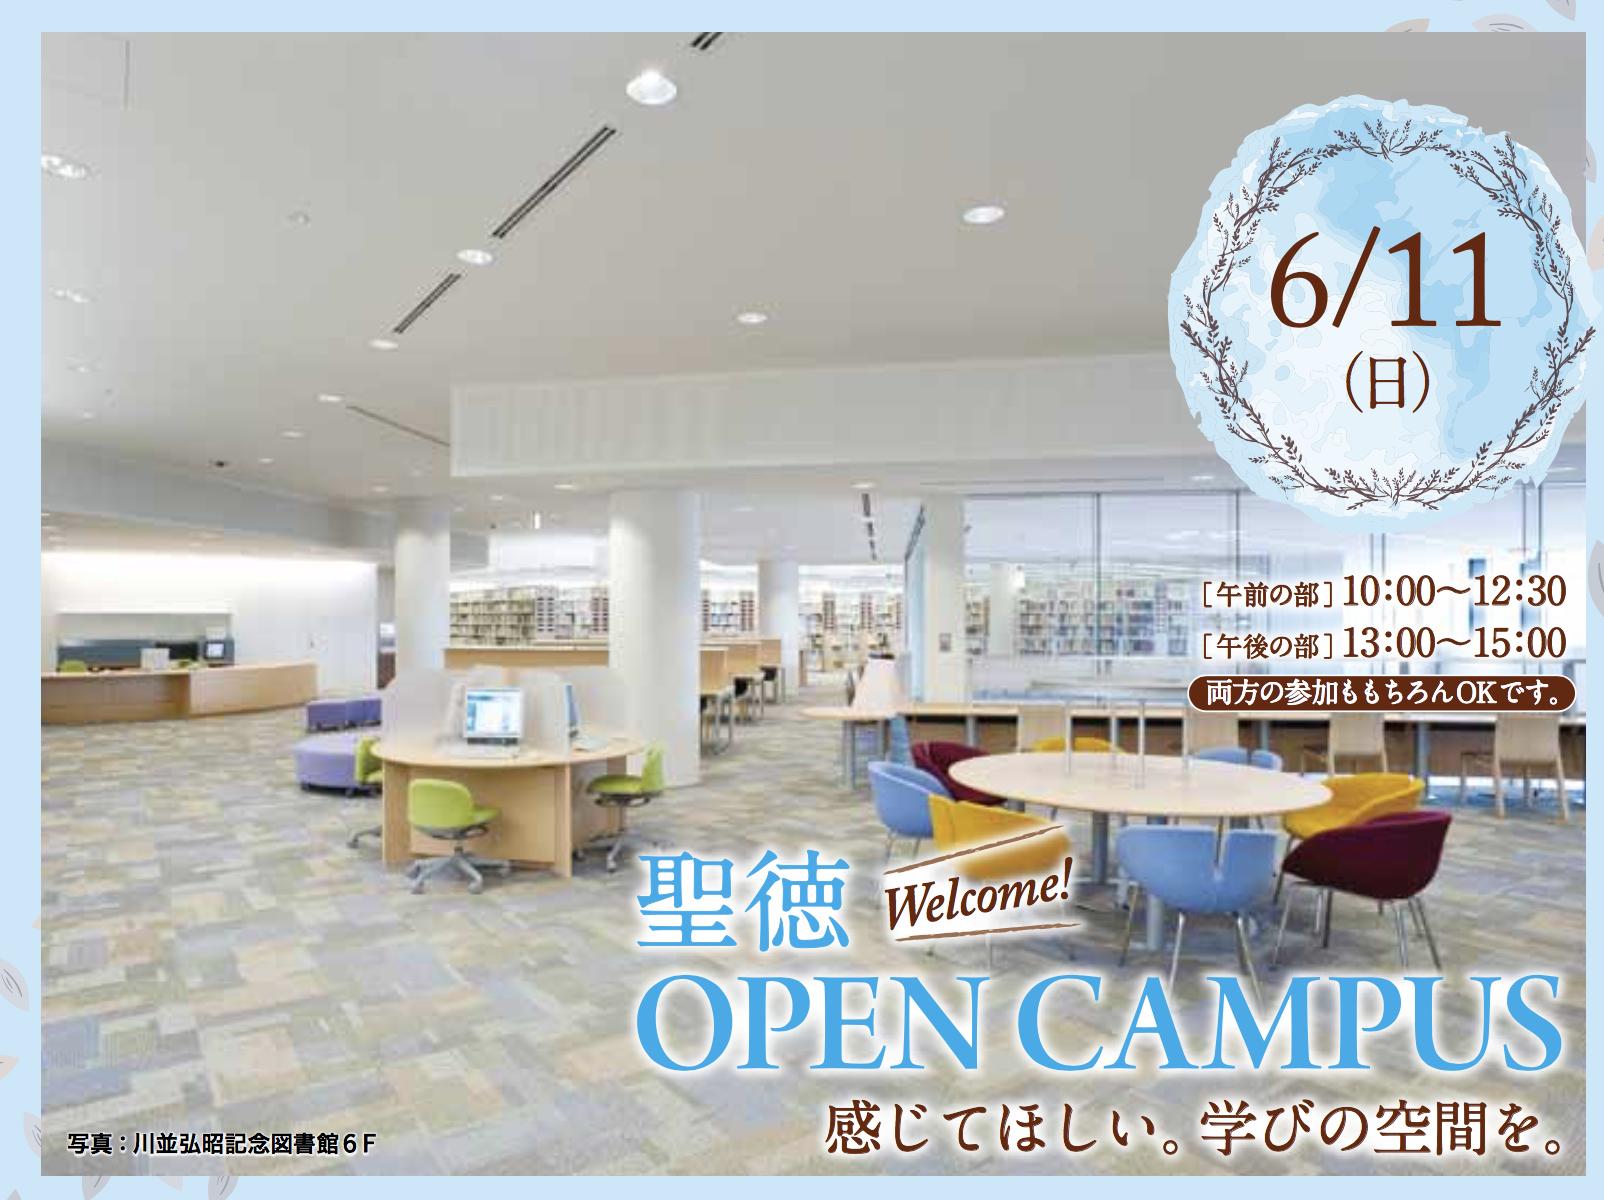 6/11にオープンキャンパスを実施いたします。